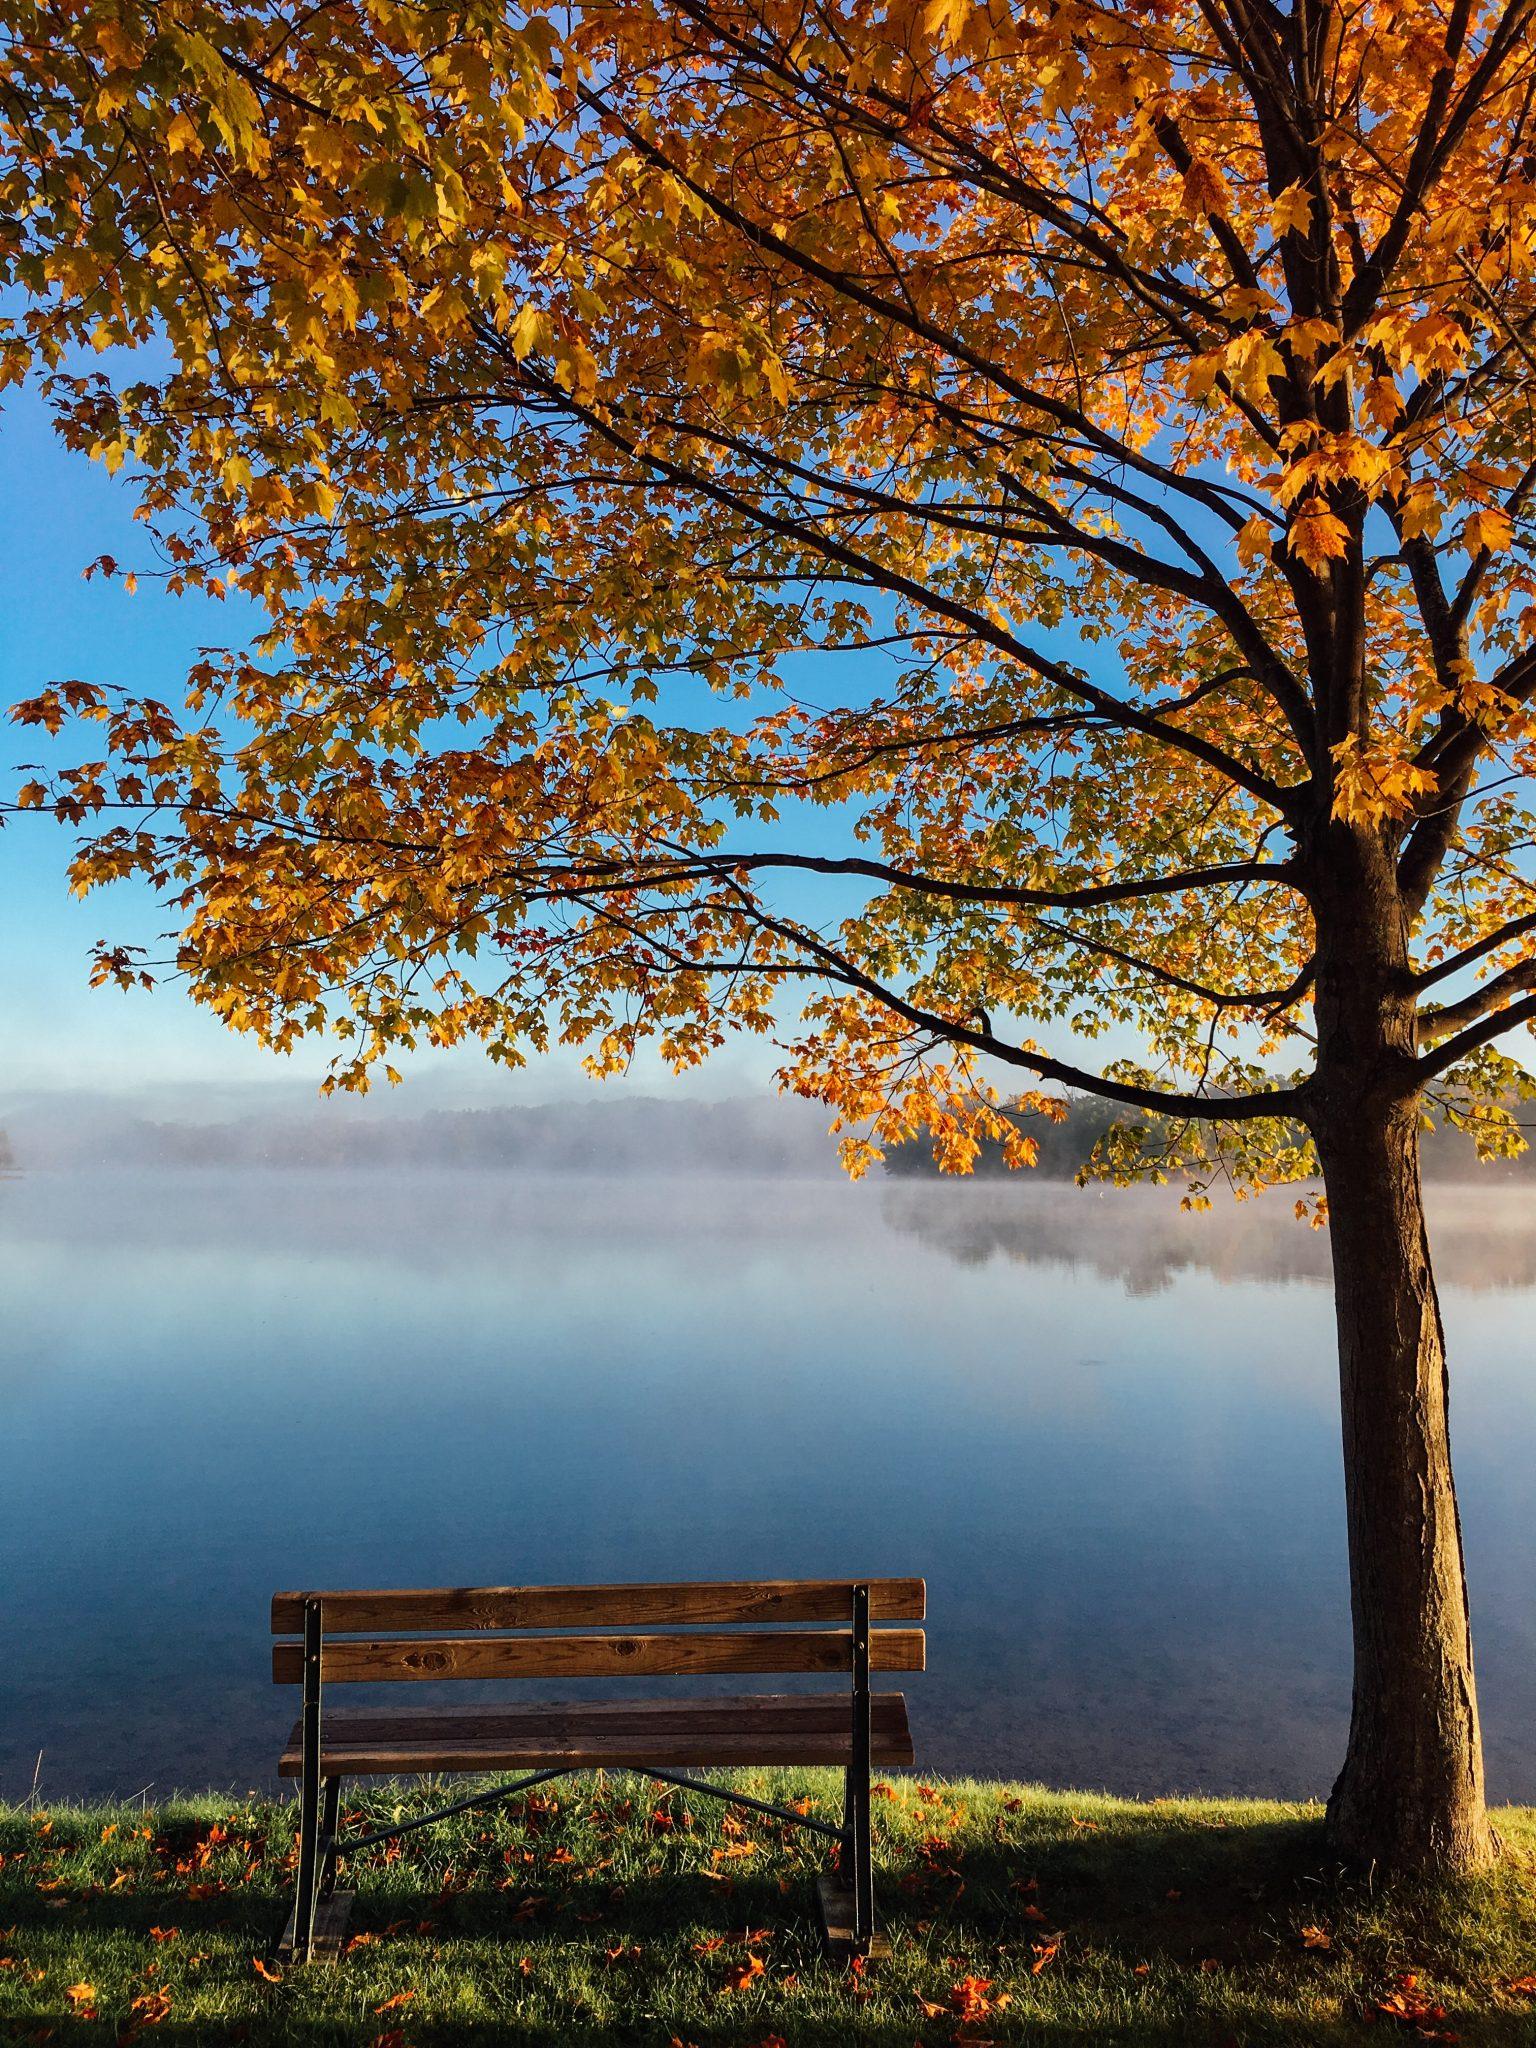 Als je je aanmeldt voor mindfulness training, planten wij een boom